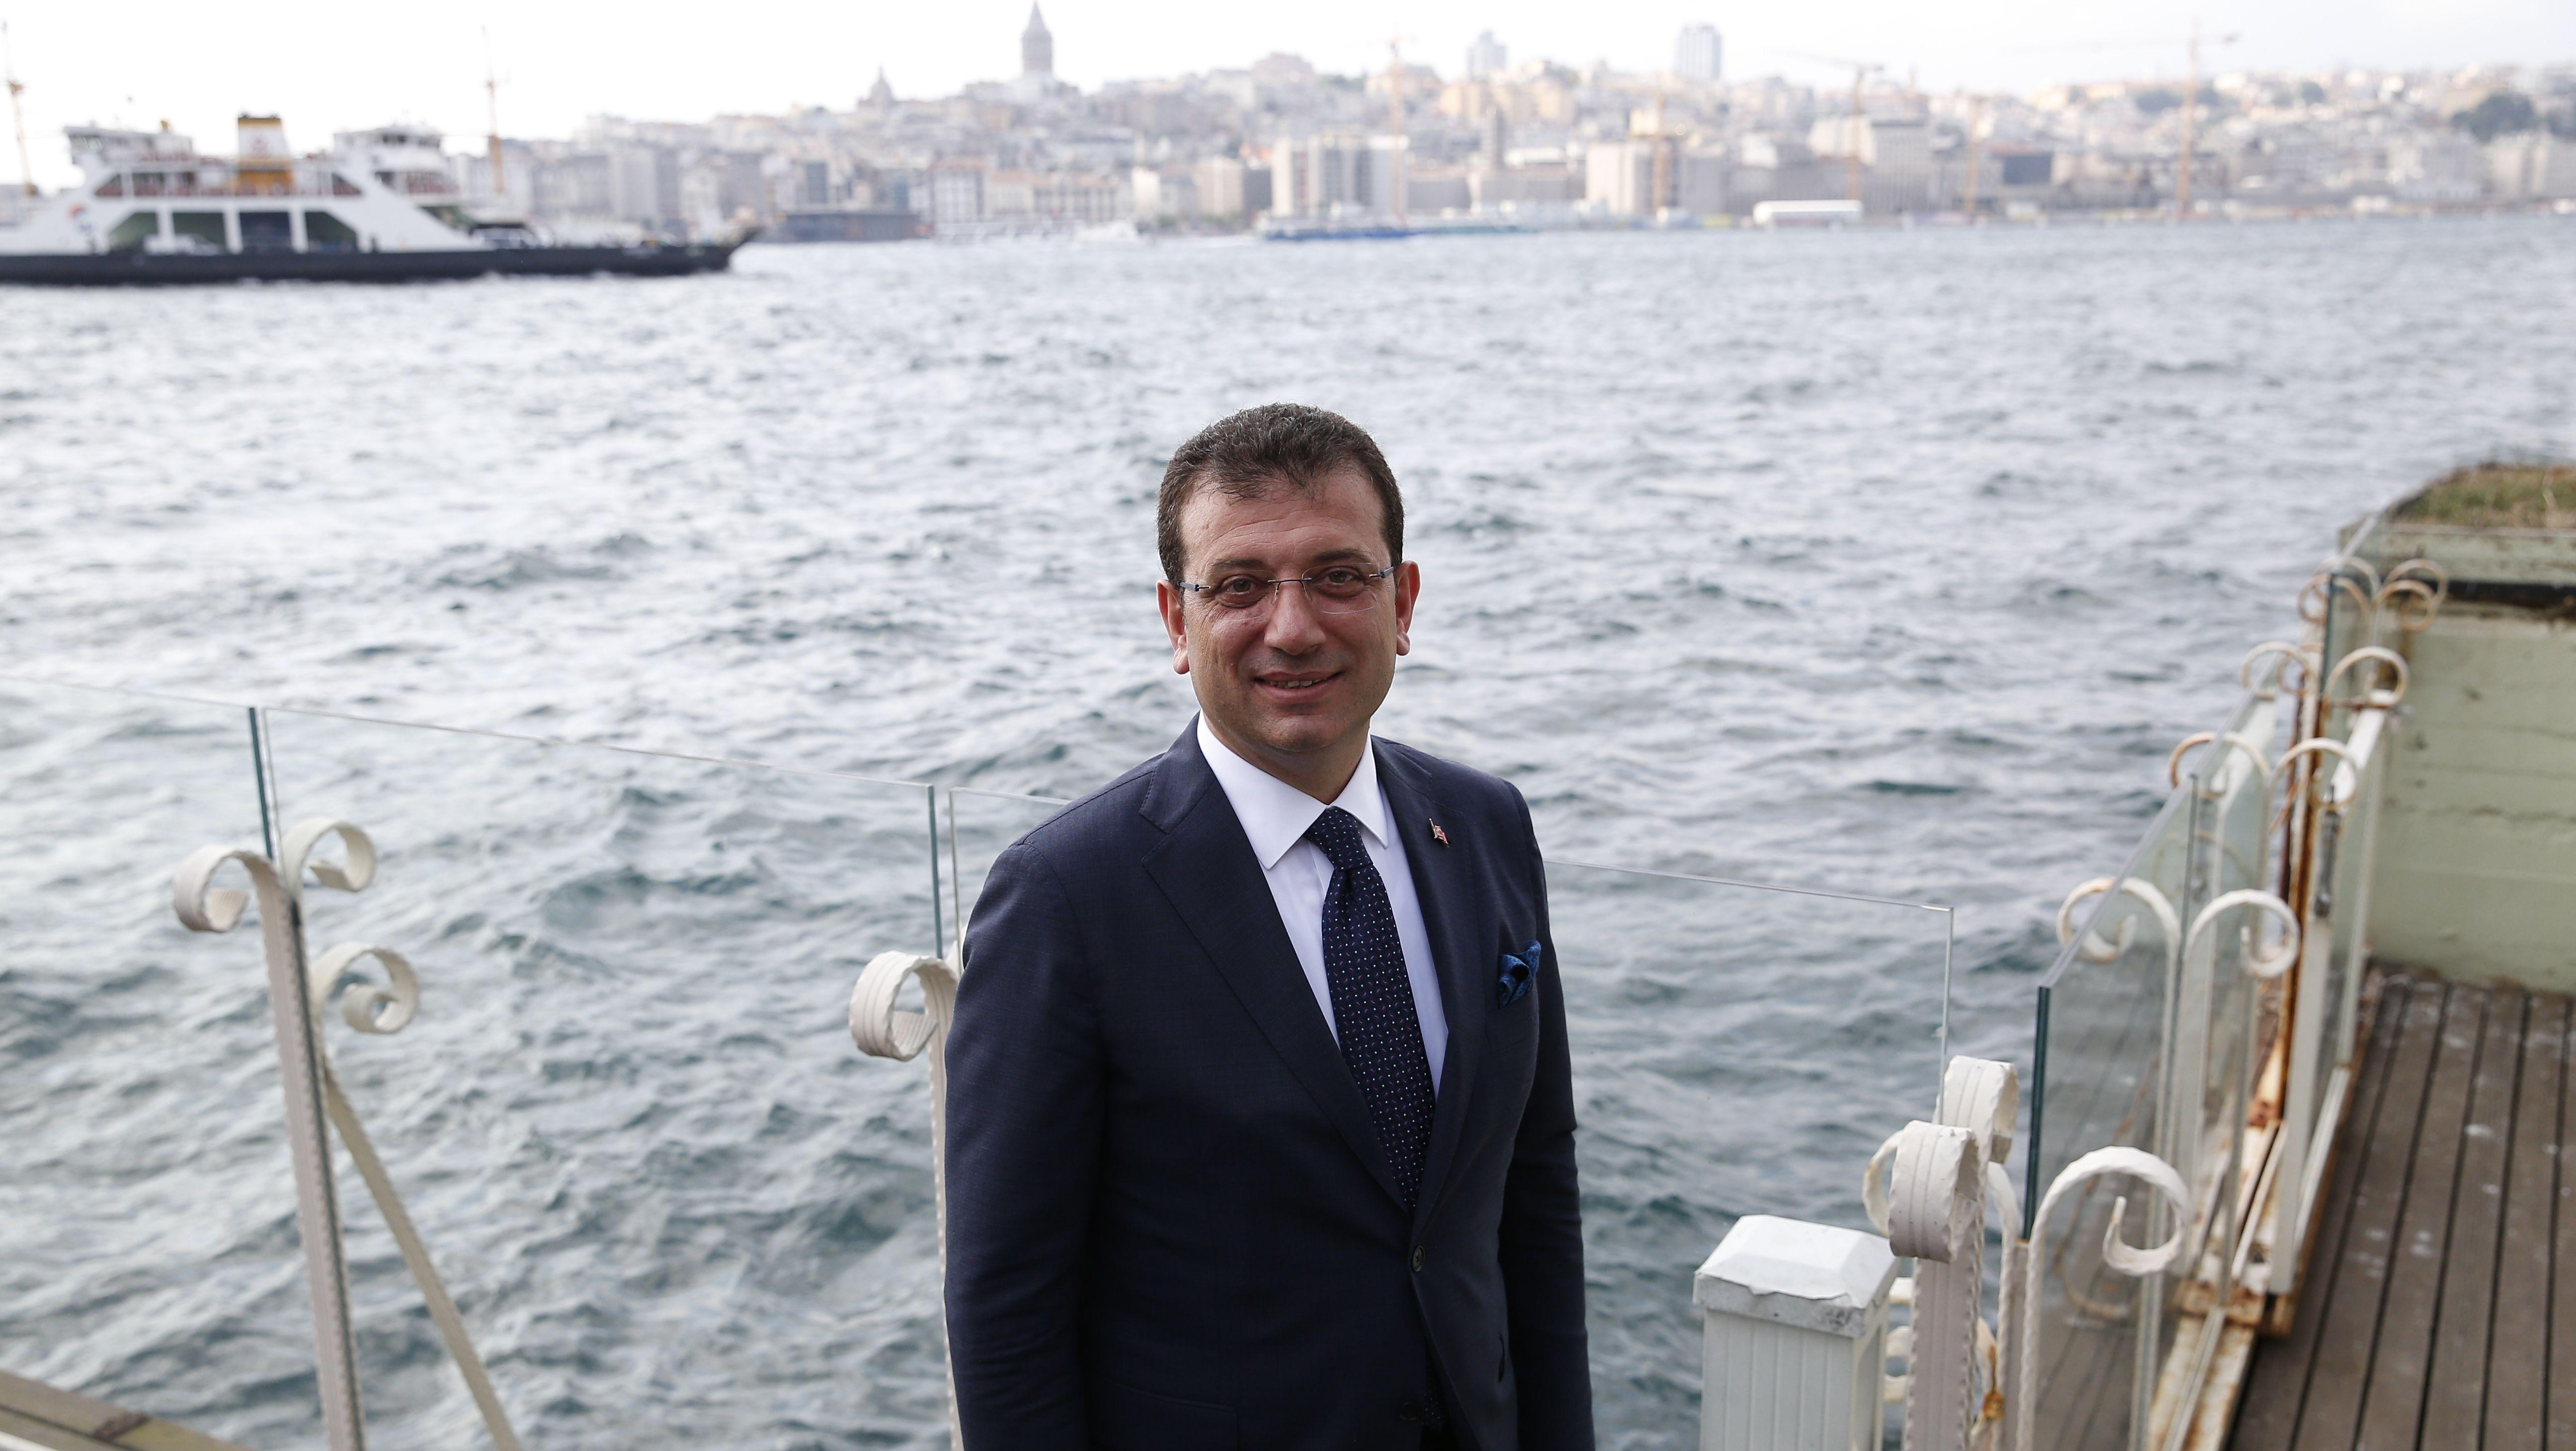 Istanbuls Bürgermeister Ekrem İmamoğlu posiert freundlich lächelnd im Anzug für ein Foto. Im Hintergrund sind der Bosporus und Istanbul zu sehen.